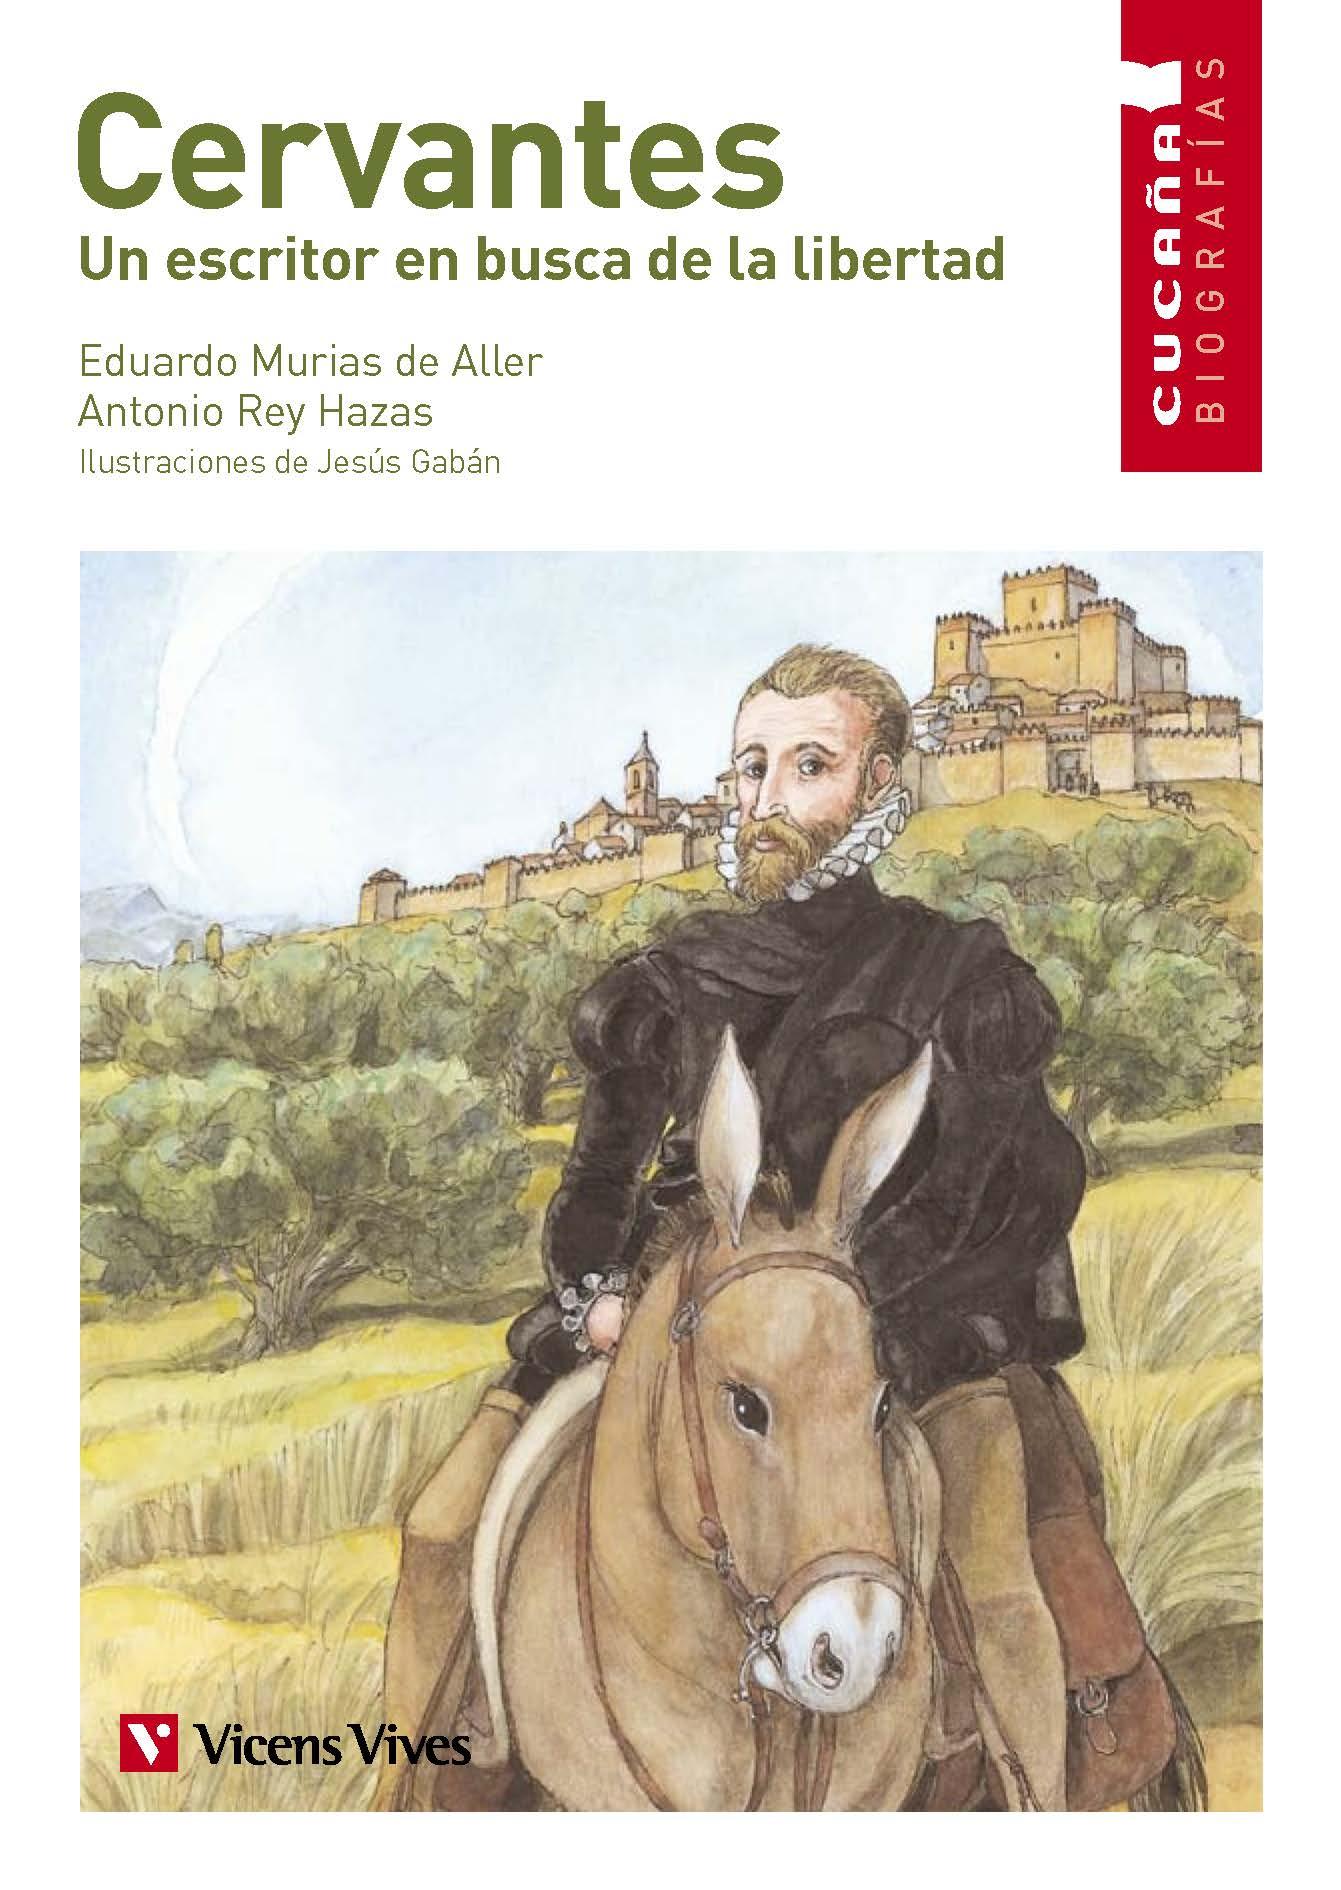 portada biografía Cervantes per a Vuelve el Día del libro